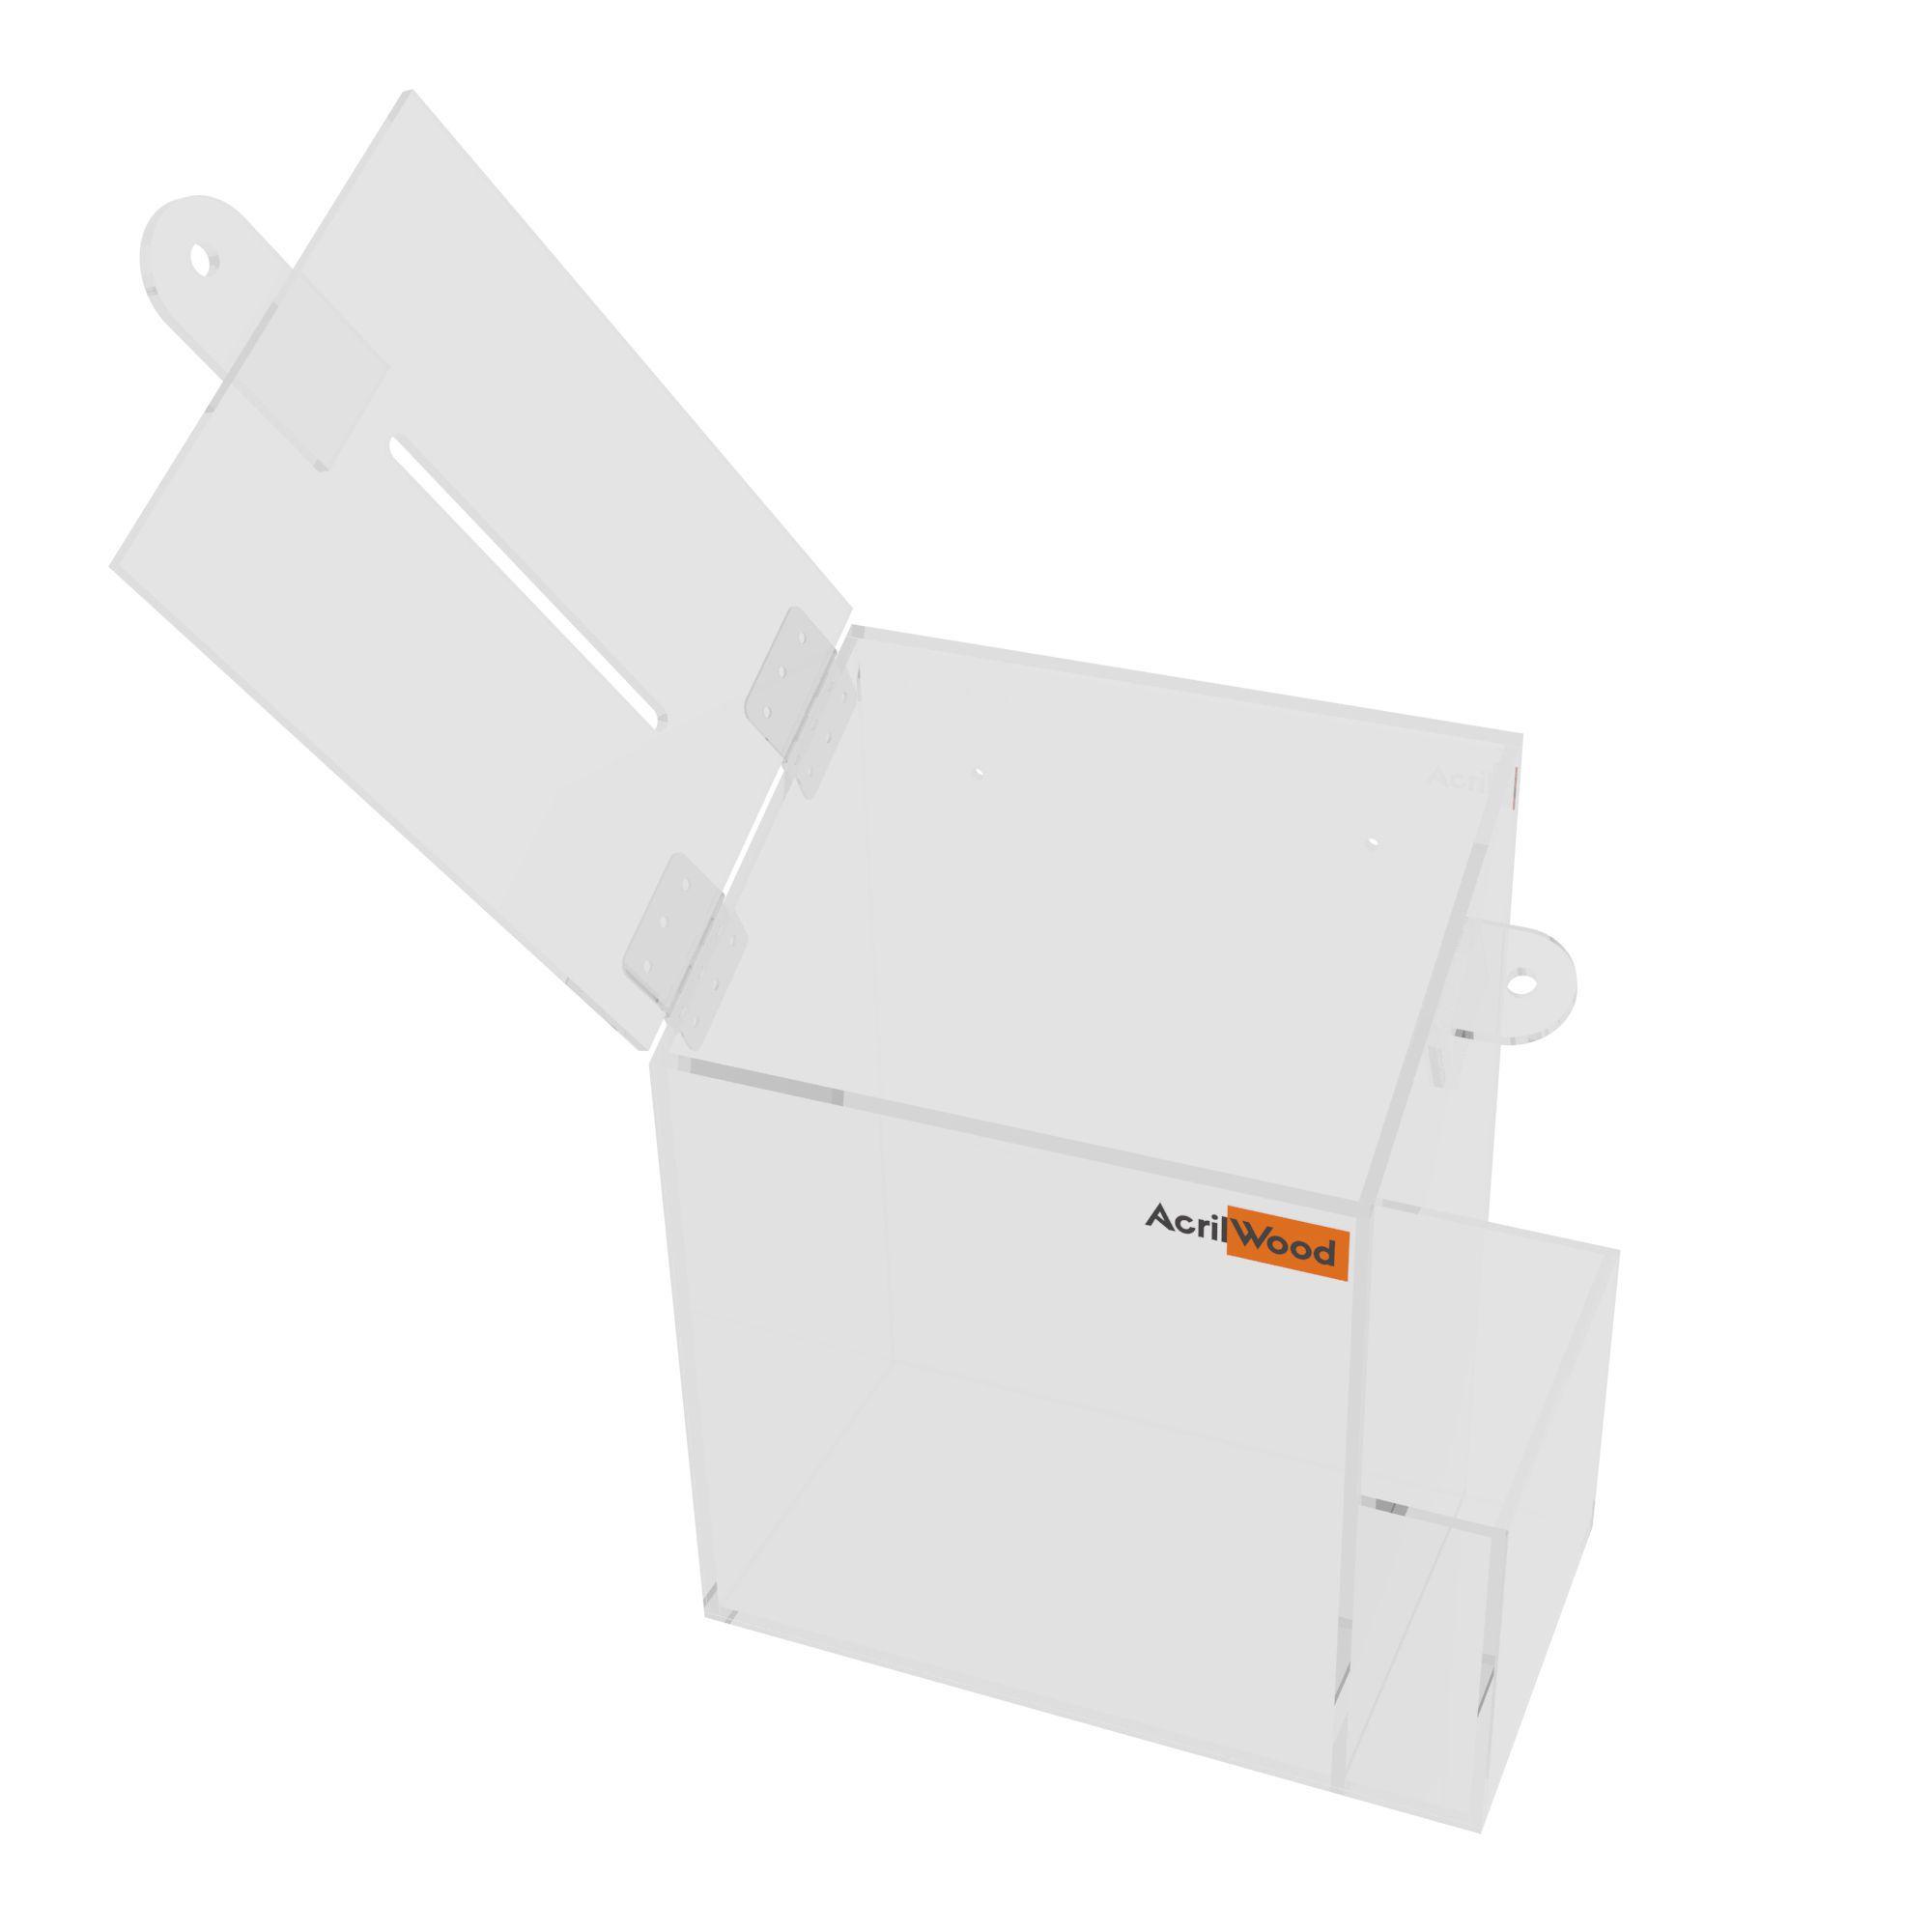 Caixa Sugestão Em Acrílico Cristal Pequena - 15x10x20cm